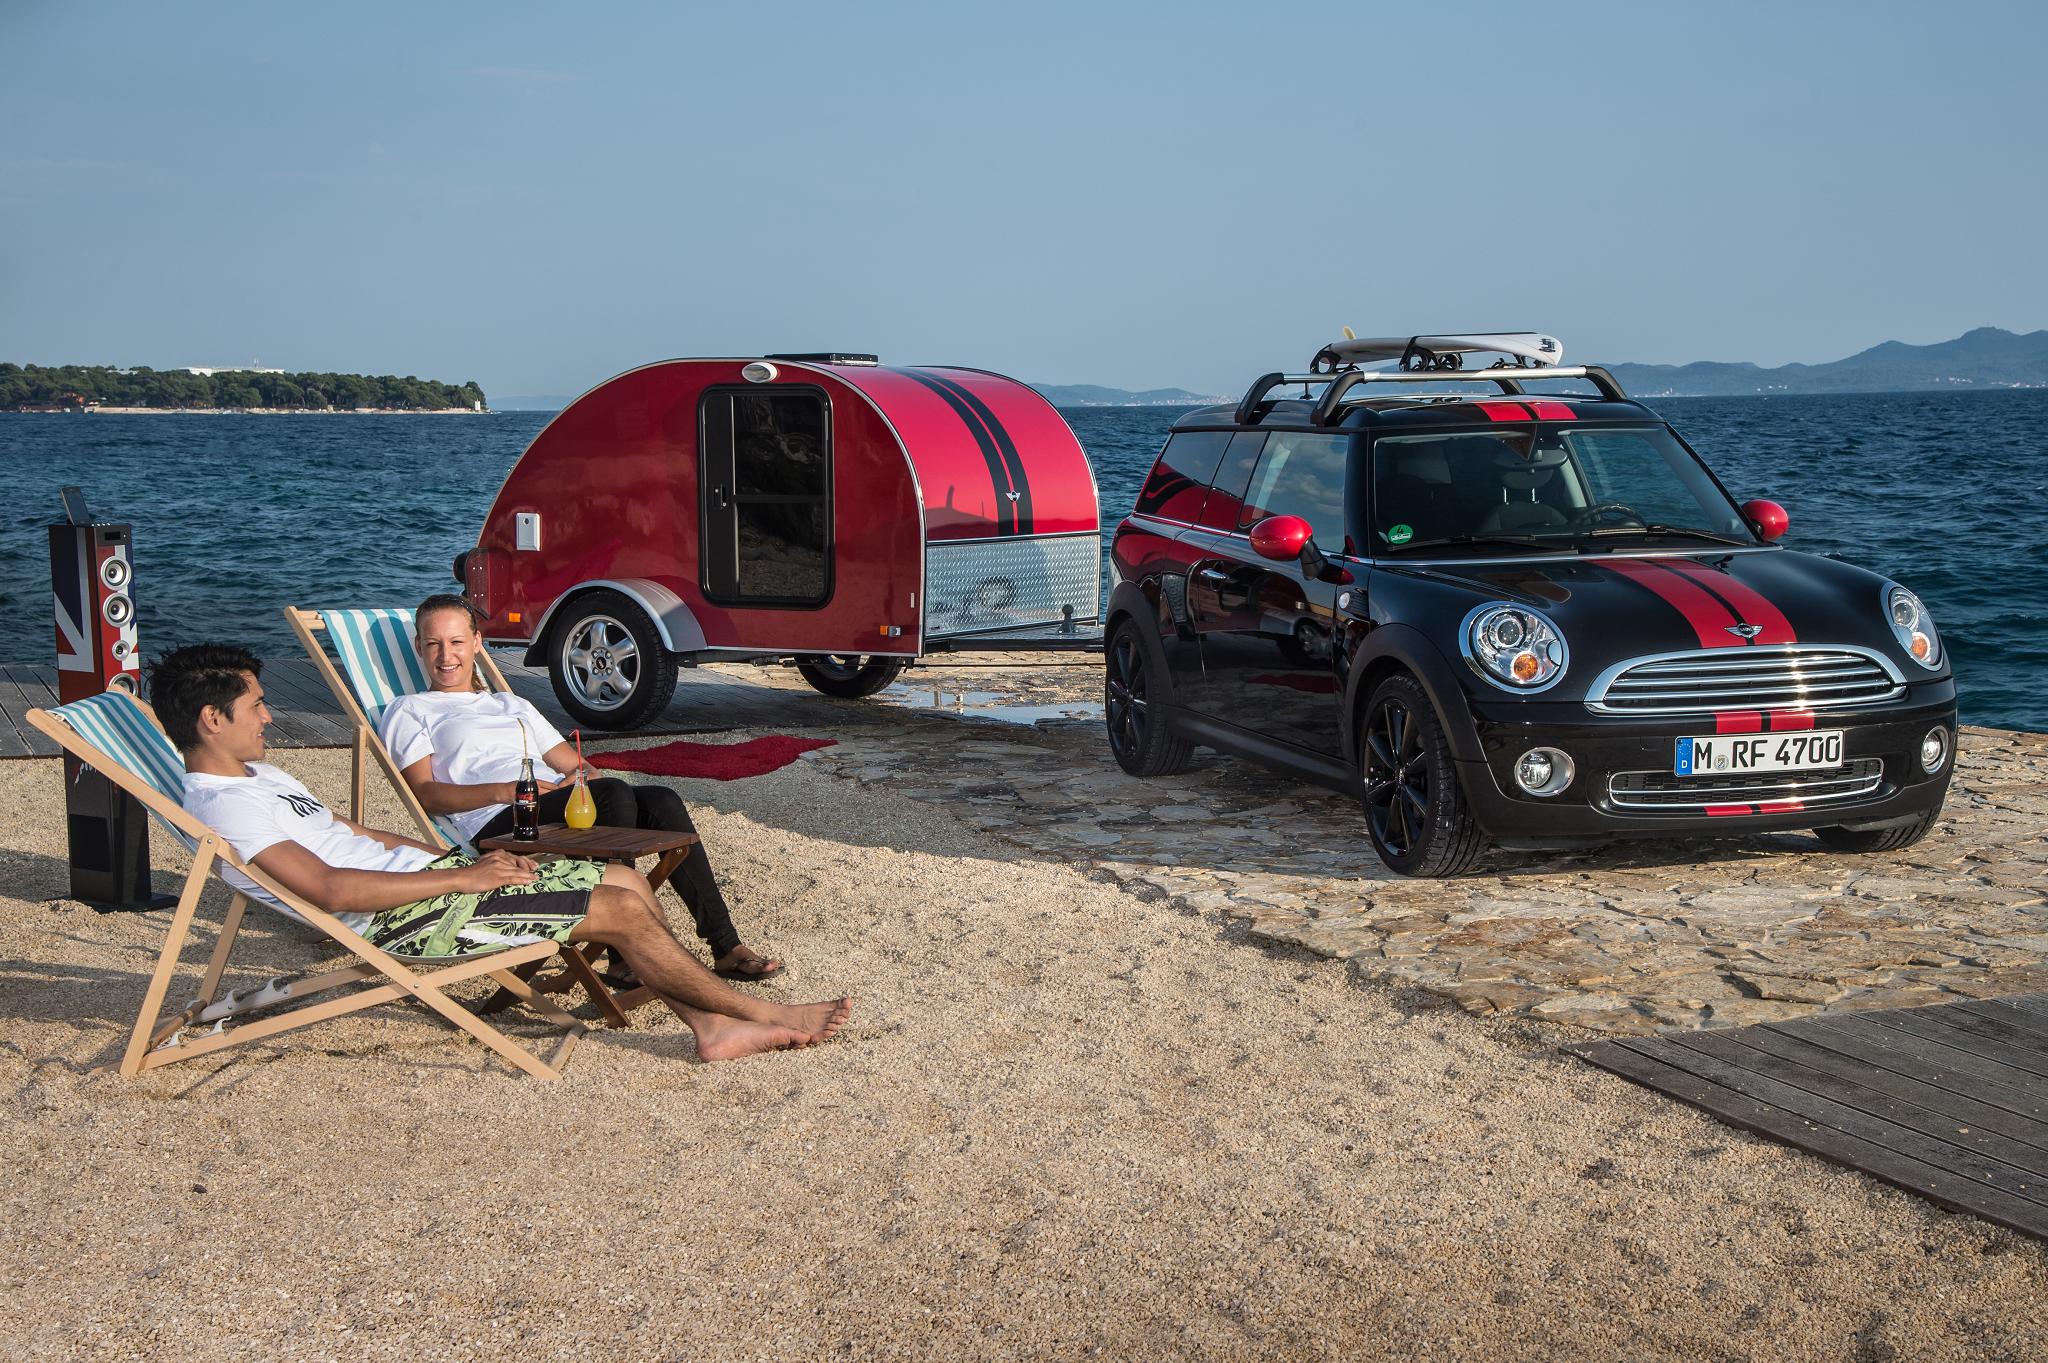 The MINI Cowley Caravan 2